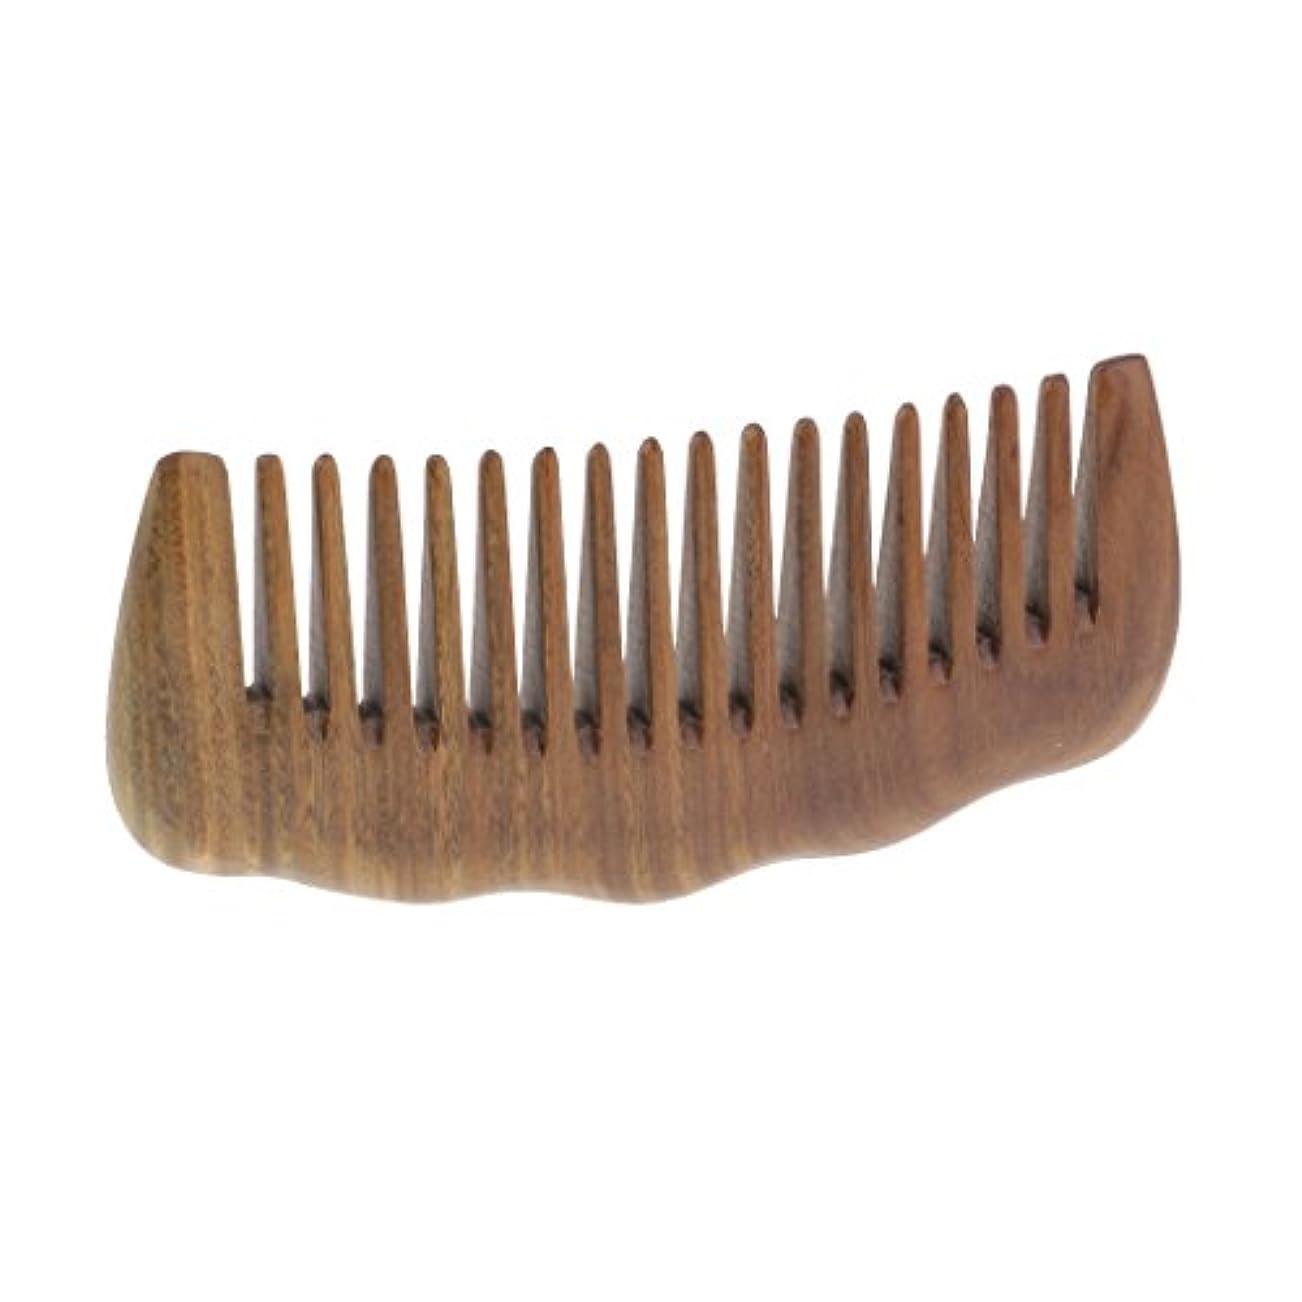 不純起業家クランシーウッドコーム 木製櫛 頭皮マッサージ 伝統工芸品 滑らか ヘアケア ナチュラルサンダルウッド 高品質